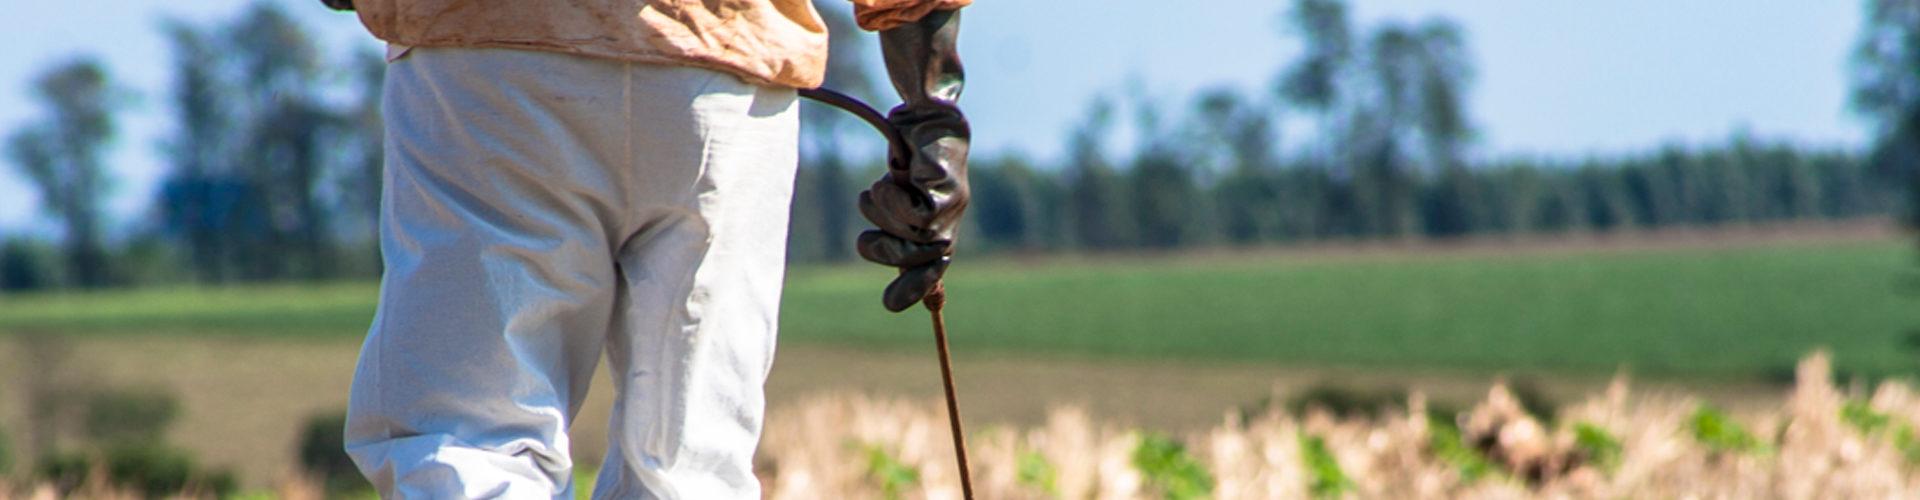 manejo integrado de pragas agrícolas